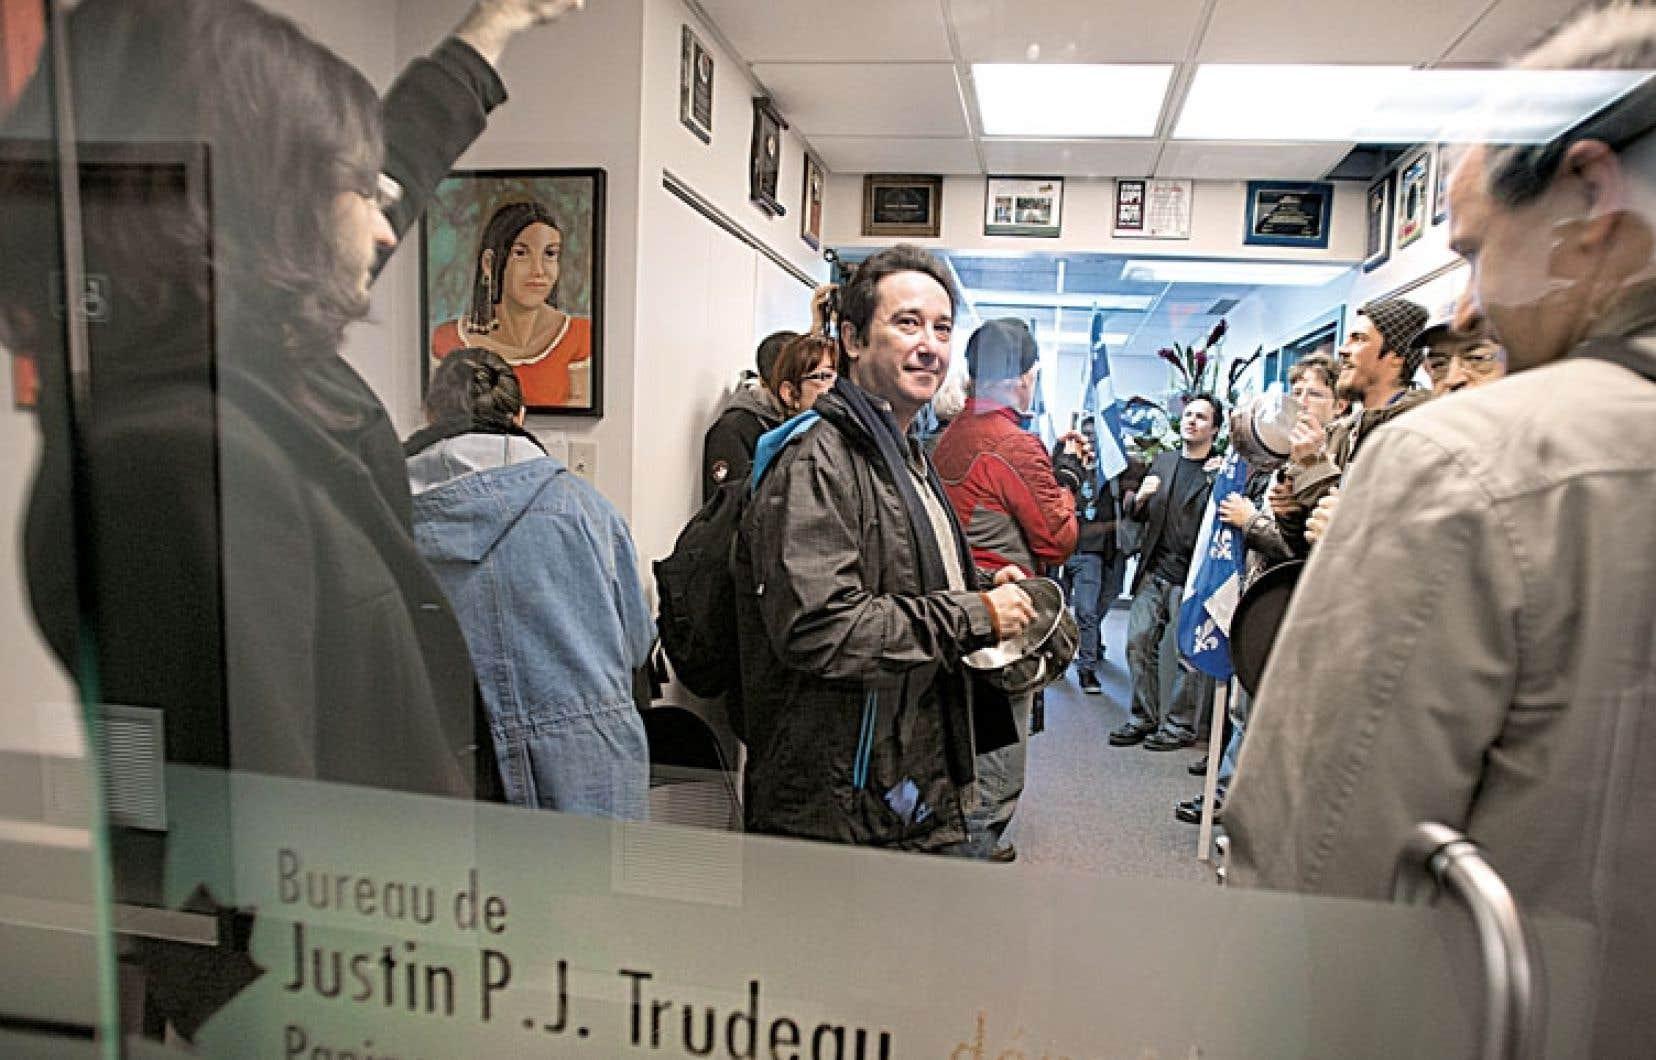 Des militants indépendantistes ont investi mercredi les bureaux montréalais du nouveau chef du Parti libéral du Canada, Justin Trudeau. Armés de casseroles, les membres du réseau Cap sur l'indépendance ont dénoncé les propos du député à la suite des récentes révélations concernant le rapatriement de la Constitution de 1982. La semaine dernière, Justin Trudeau a affirmé qu'il n'avait pas l'intention de « sombrer dans de vieilles chicanes », ajoutant que les Québécois ne s'intéressaient plus à cette question.